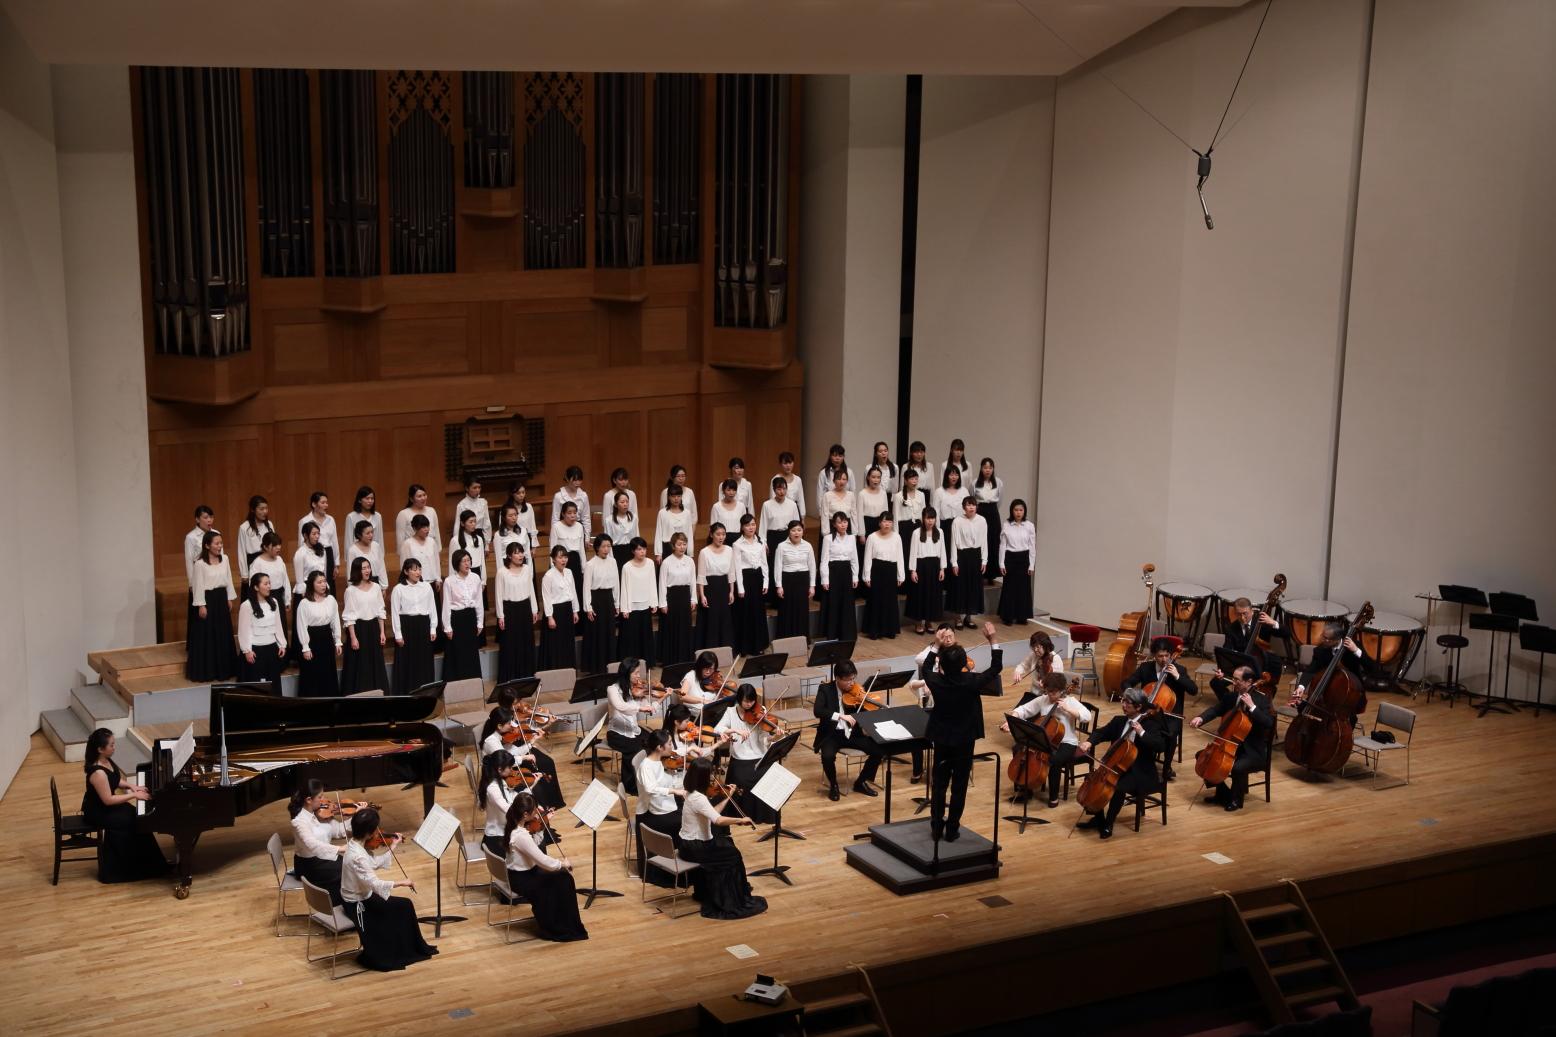 音楽学部・大学院音楽文化研究科定期演奏会が開催されました!